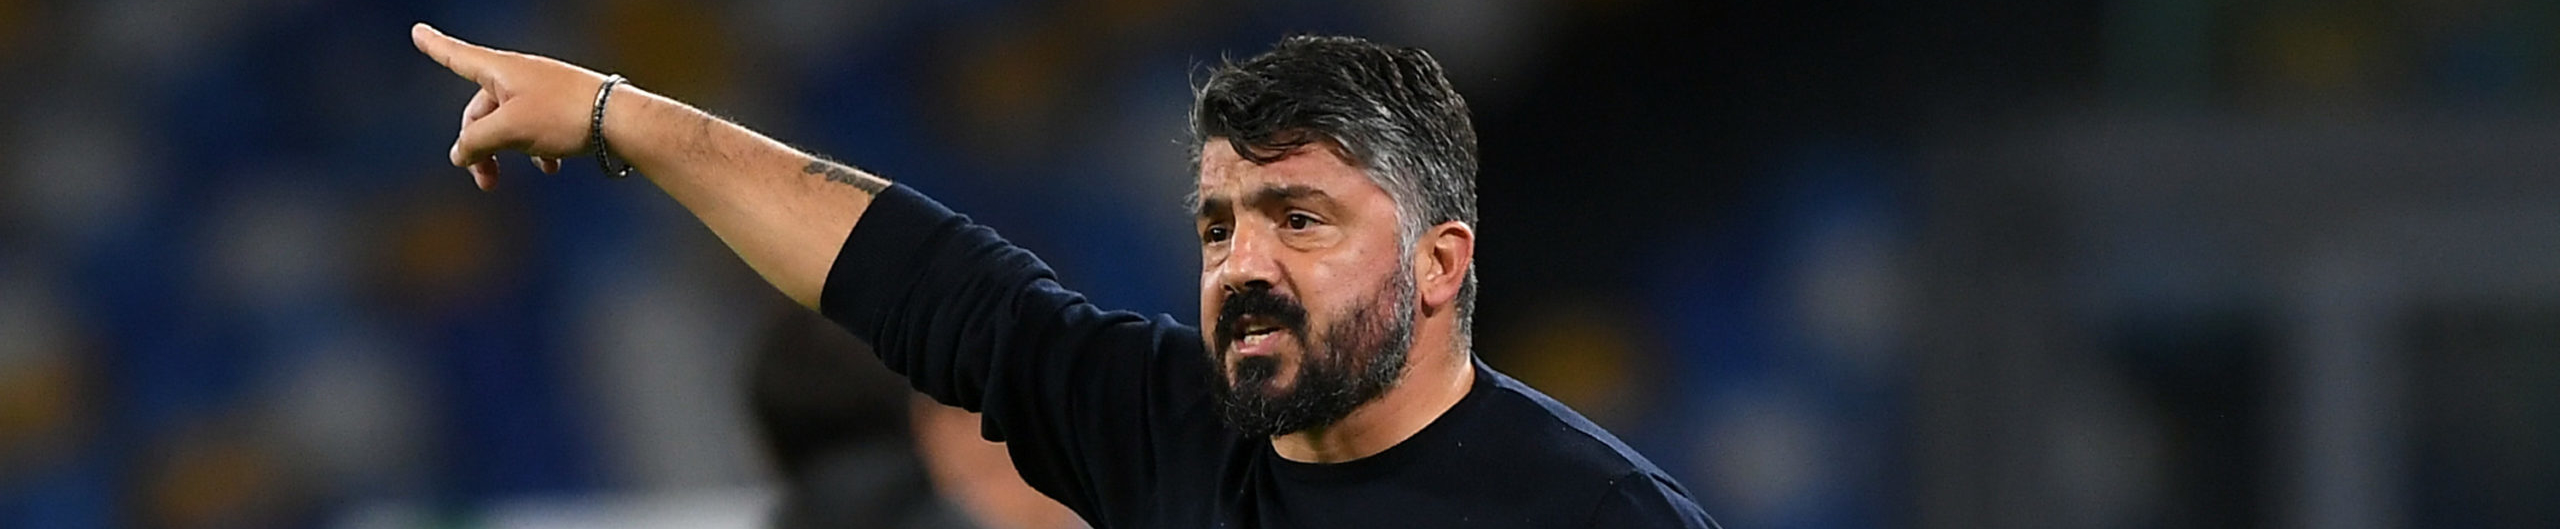 AZ-Napoli, Gattuso in Olanda per blindare la qualificazione